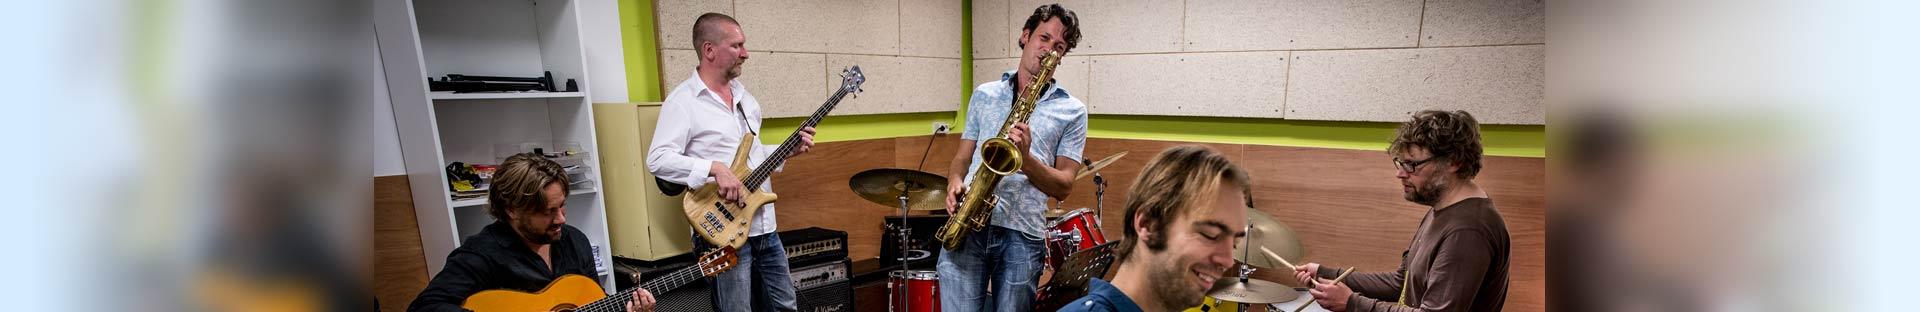 leraren optreden lokaal muziekles groningen